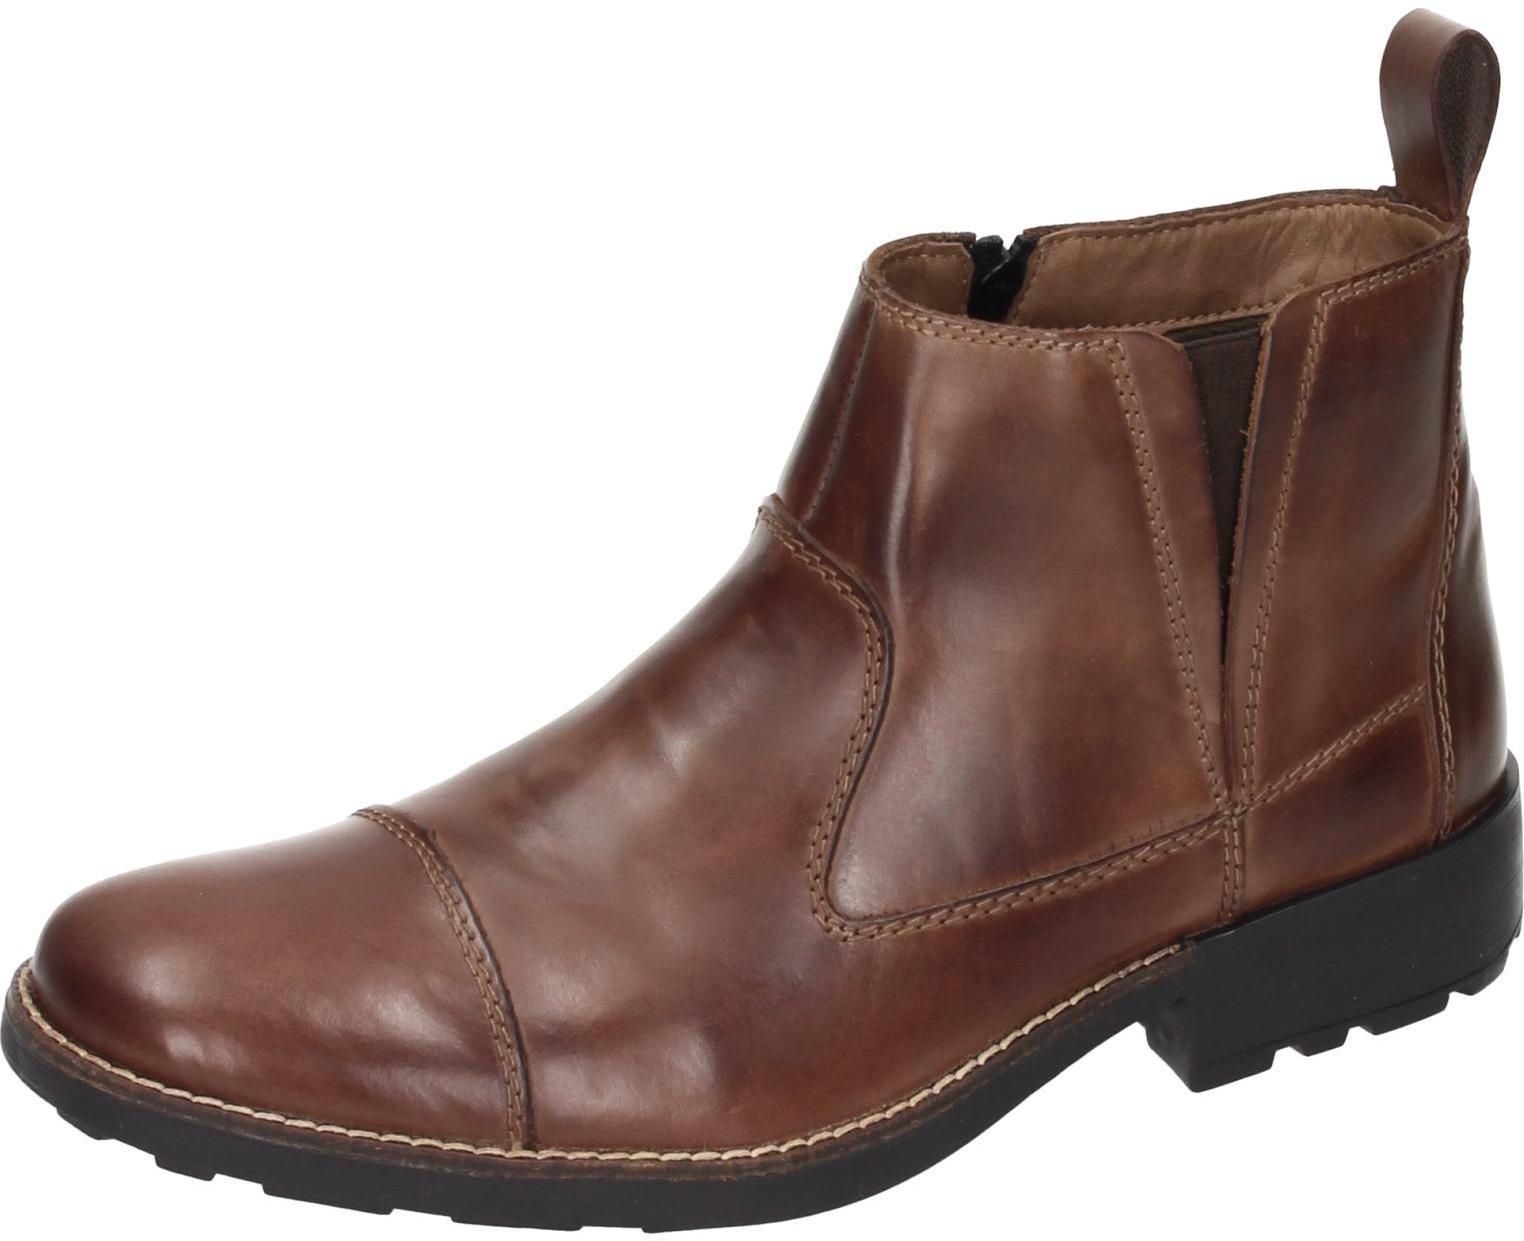 Sehr gern, oft getragene Rieker Stiefel, Gr. 38 Braun